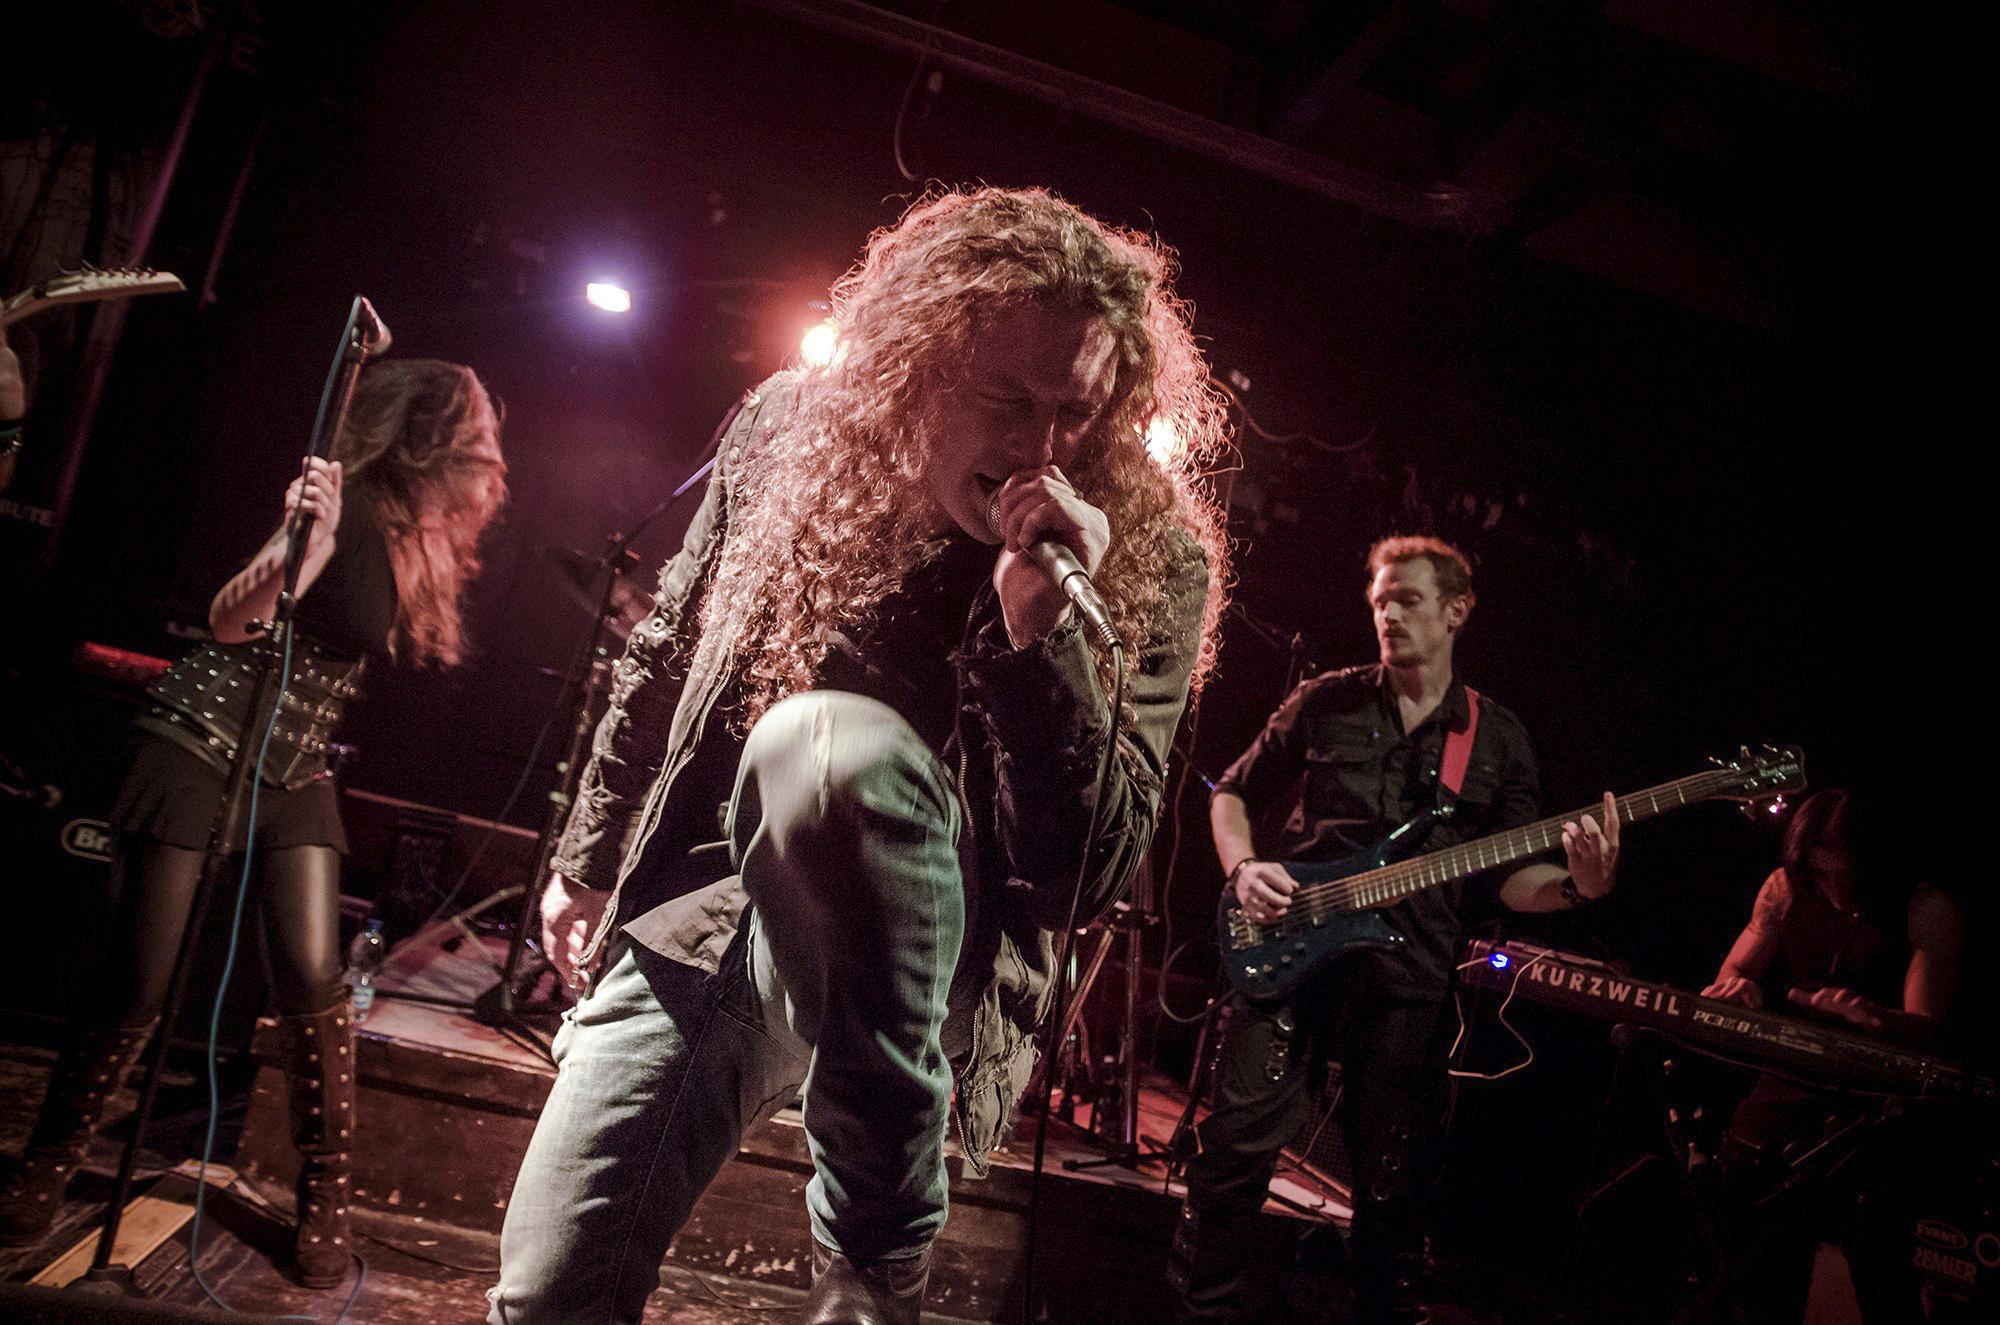 sharon gallo fotografia di concerto fabio lione